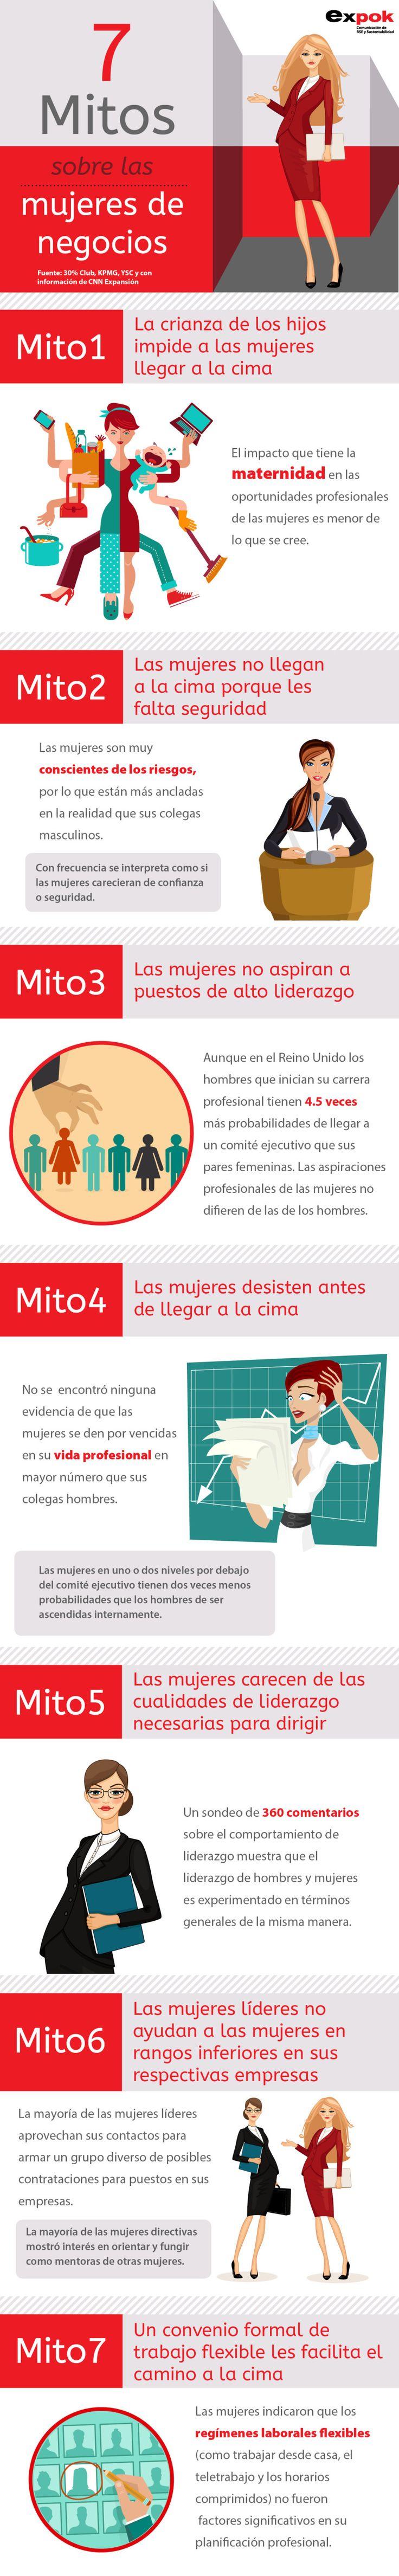 Mitos sobre las mujeres en los negocios